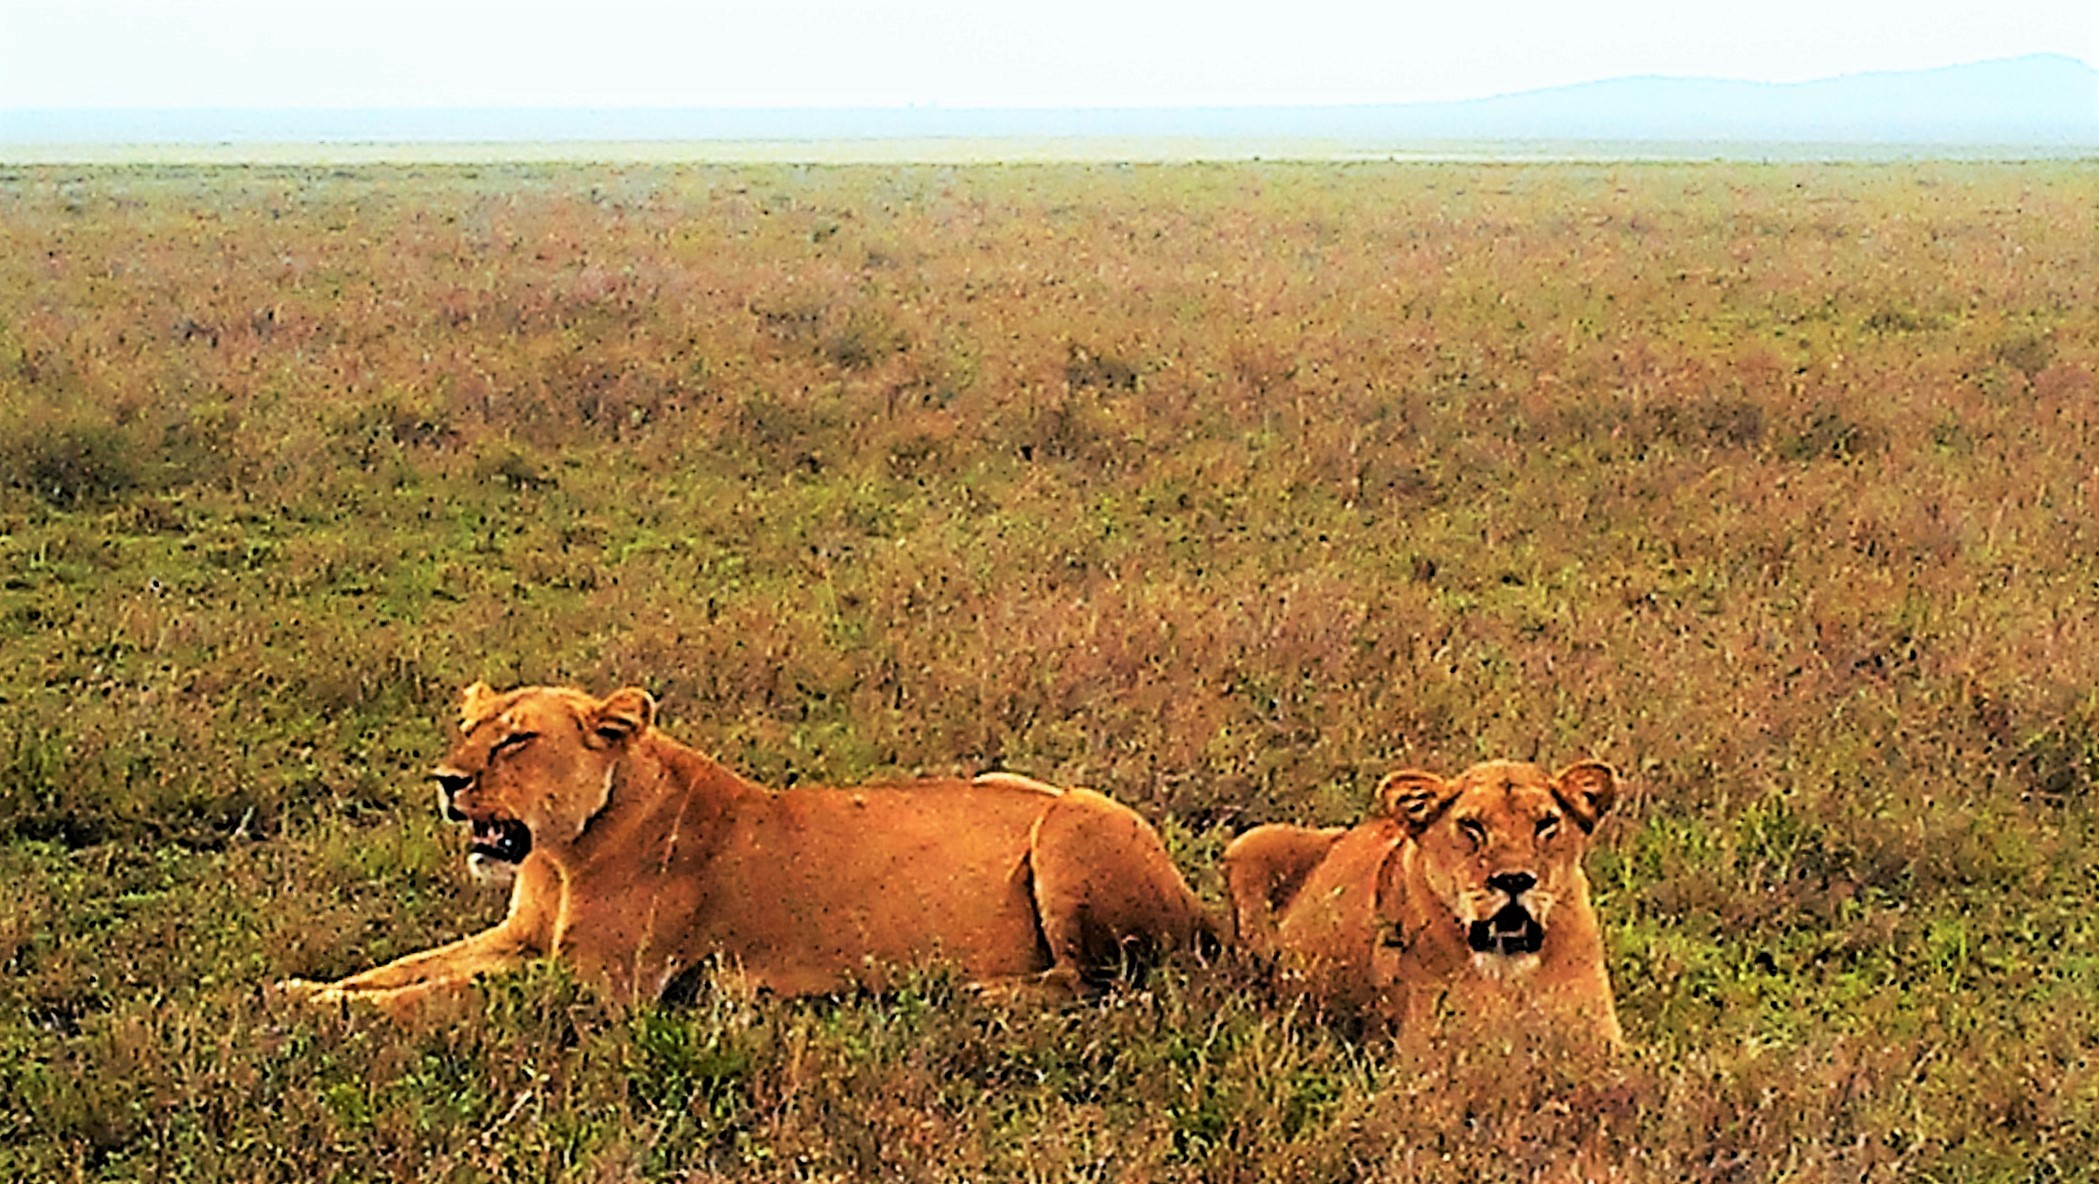 lioness -Serengeti open grassland